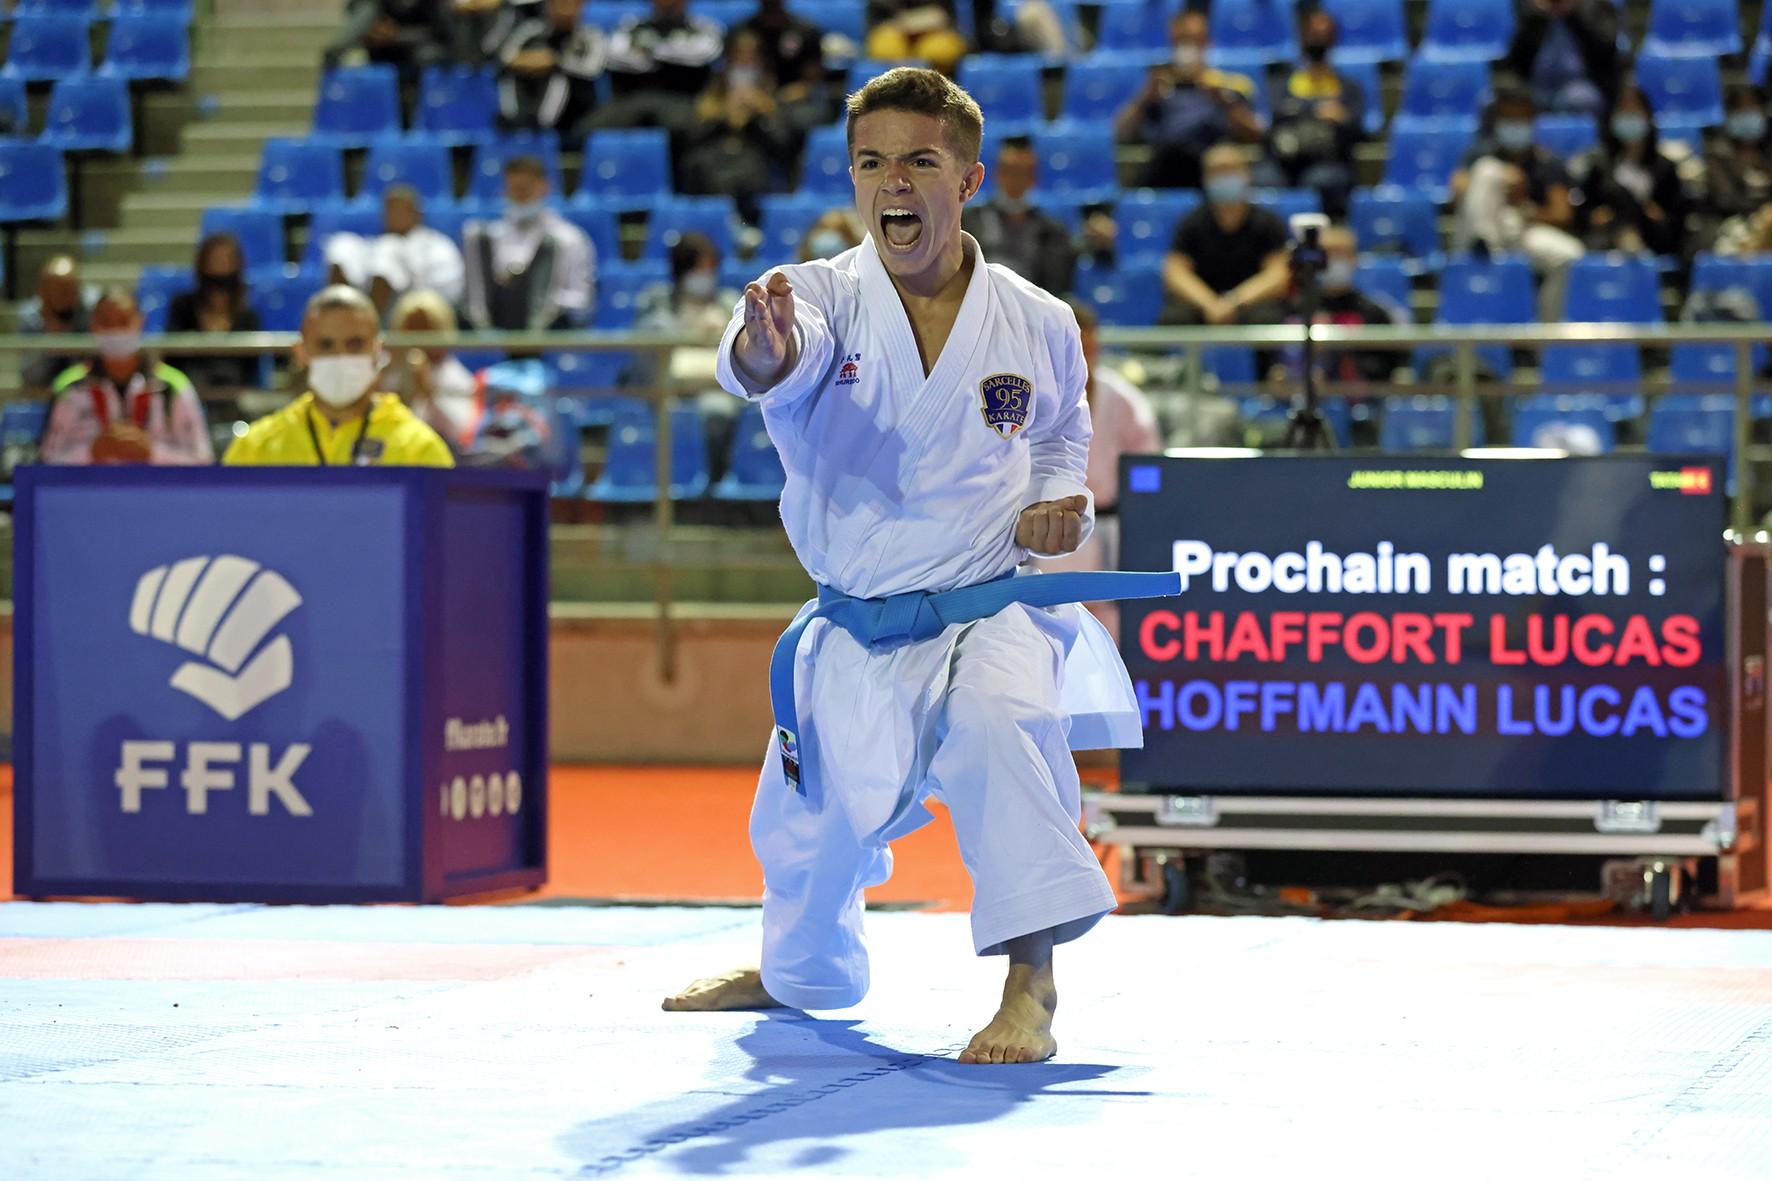 Lucas Hoffmann 2